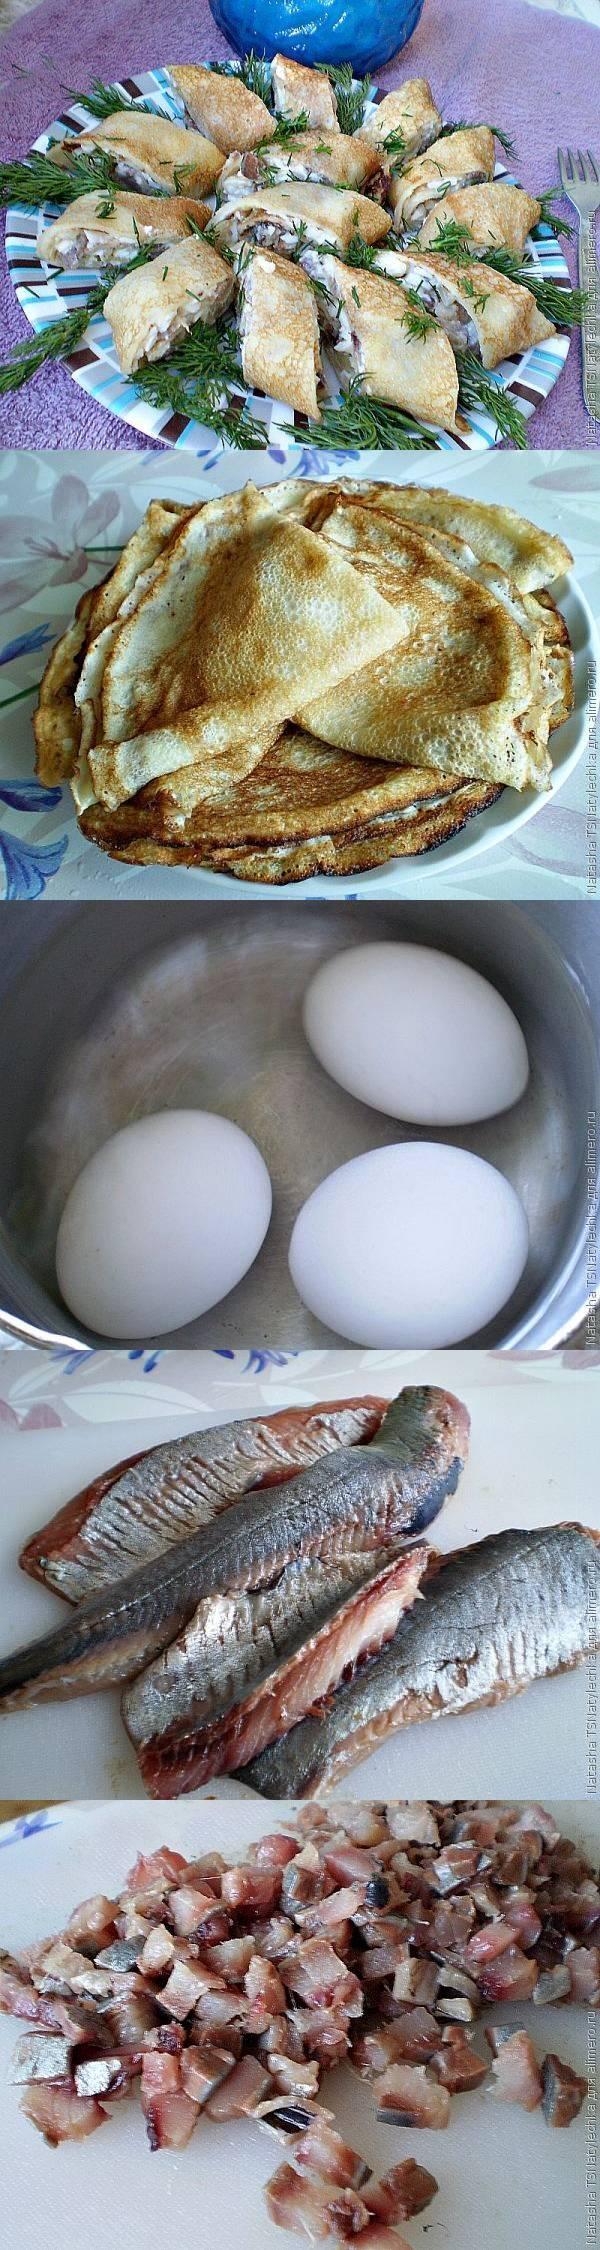 Закуска с сельдью